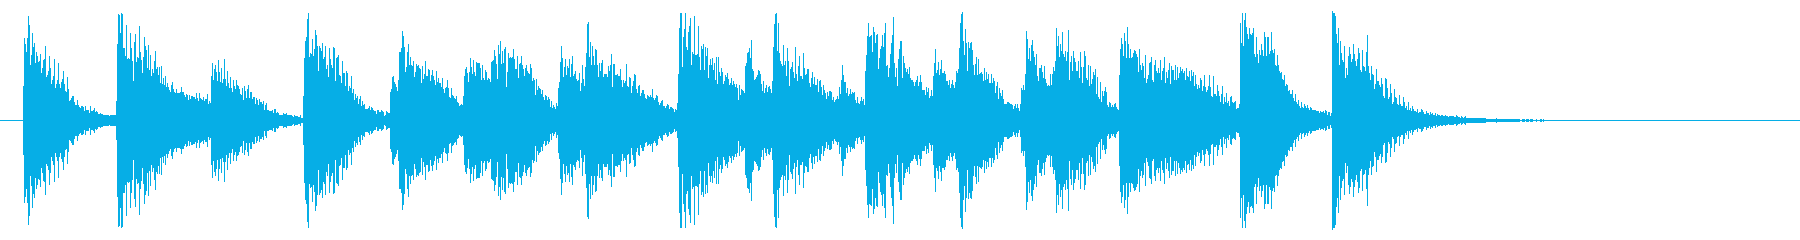 ハッピー&陽気!ホンキートンクピアノ!の再生済みの波形